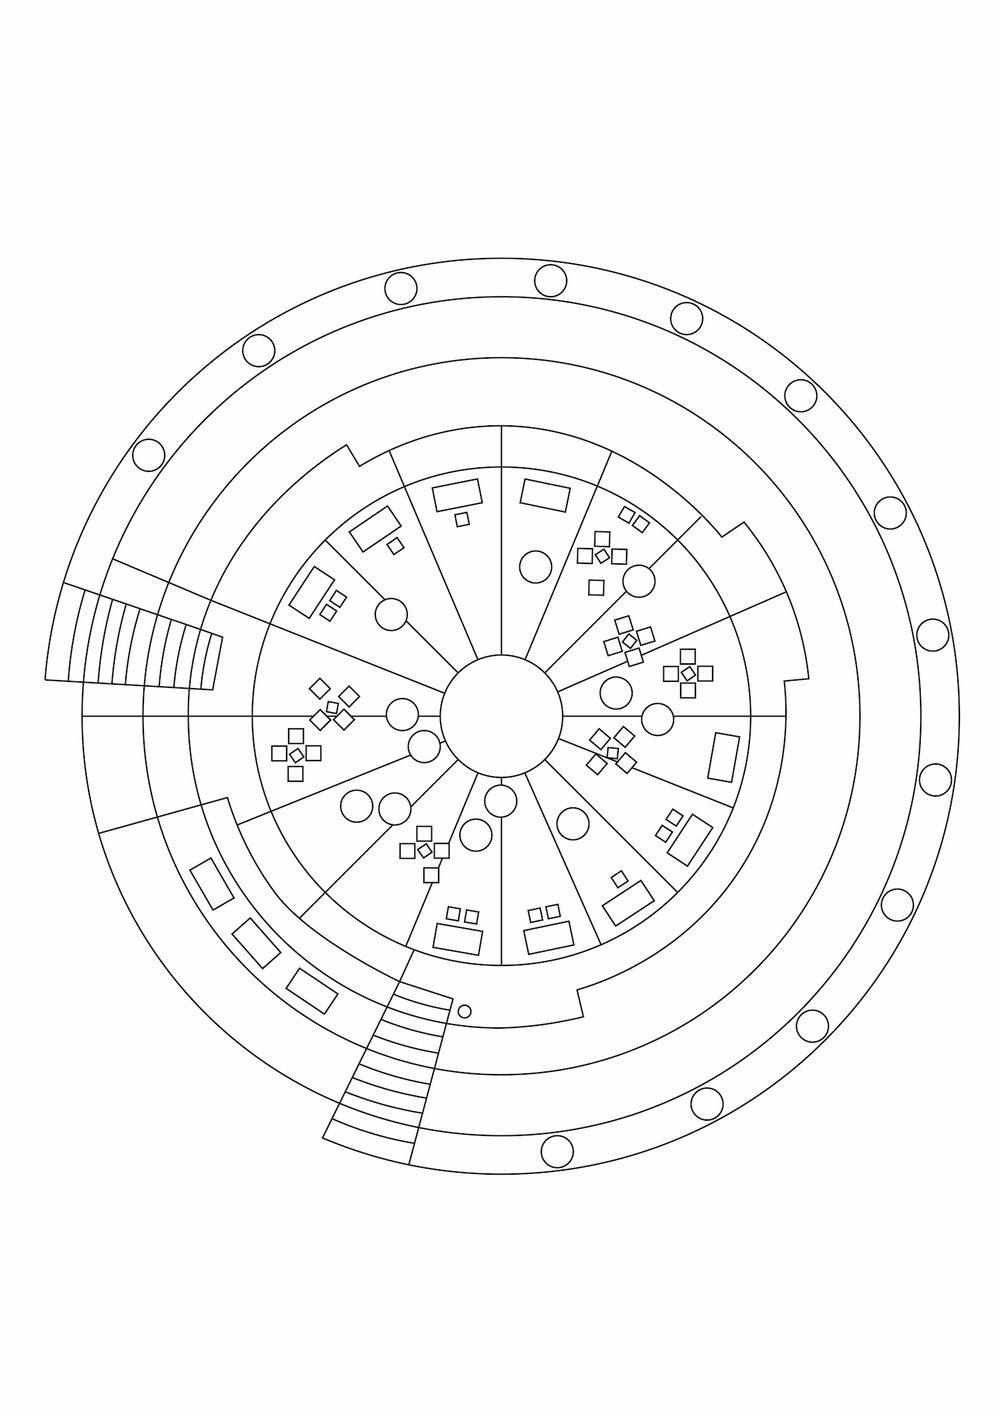 47_Zeichenfläche 1.jpg